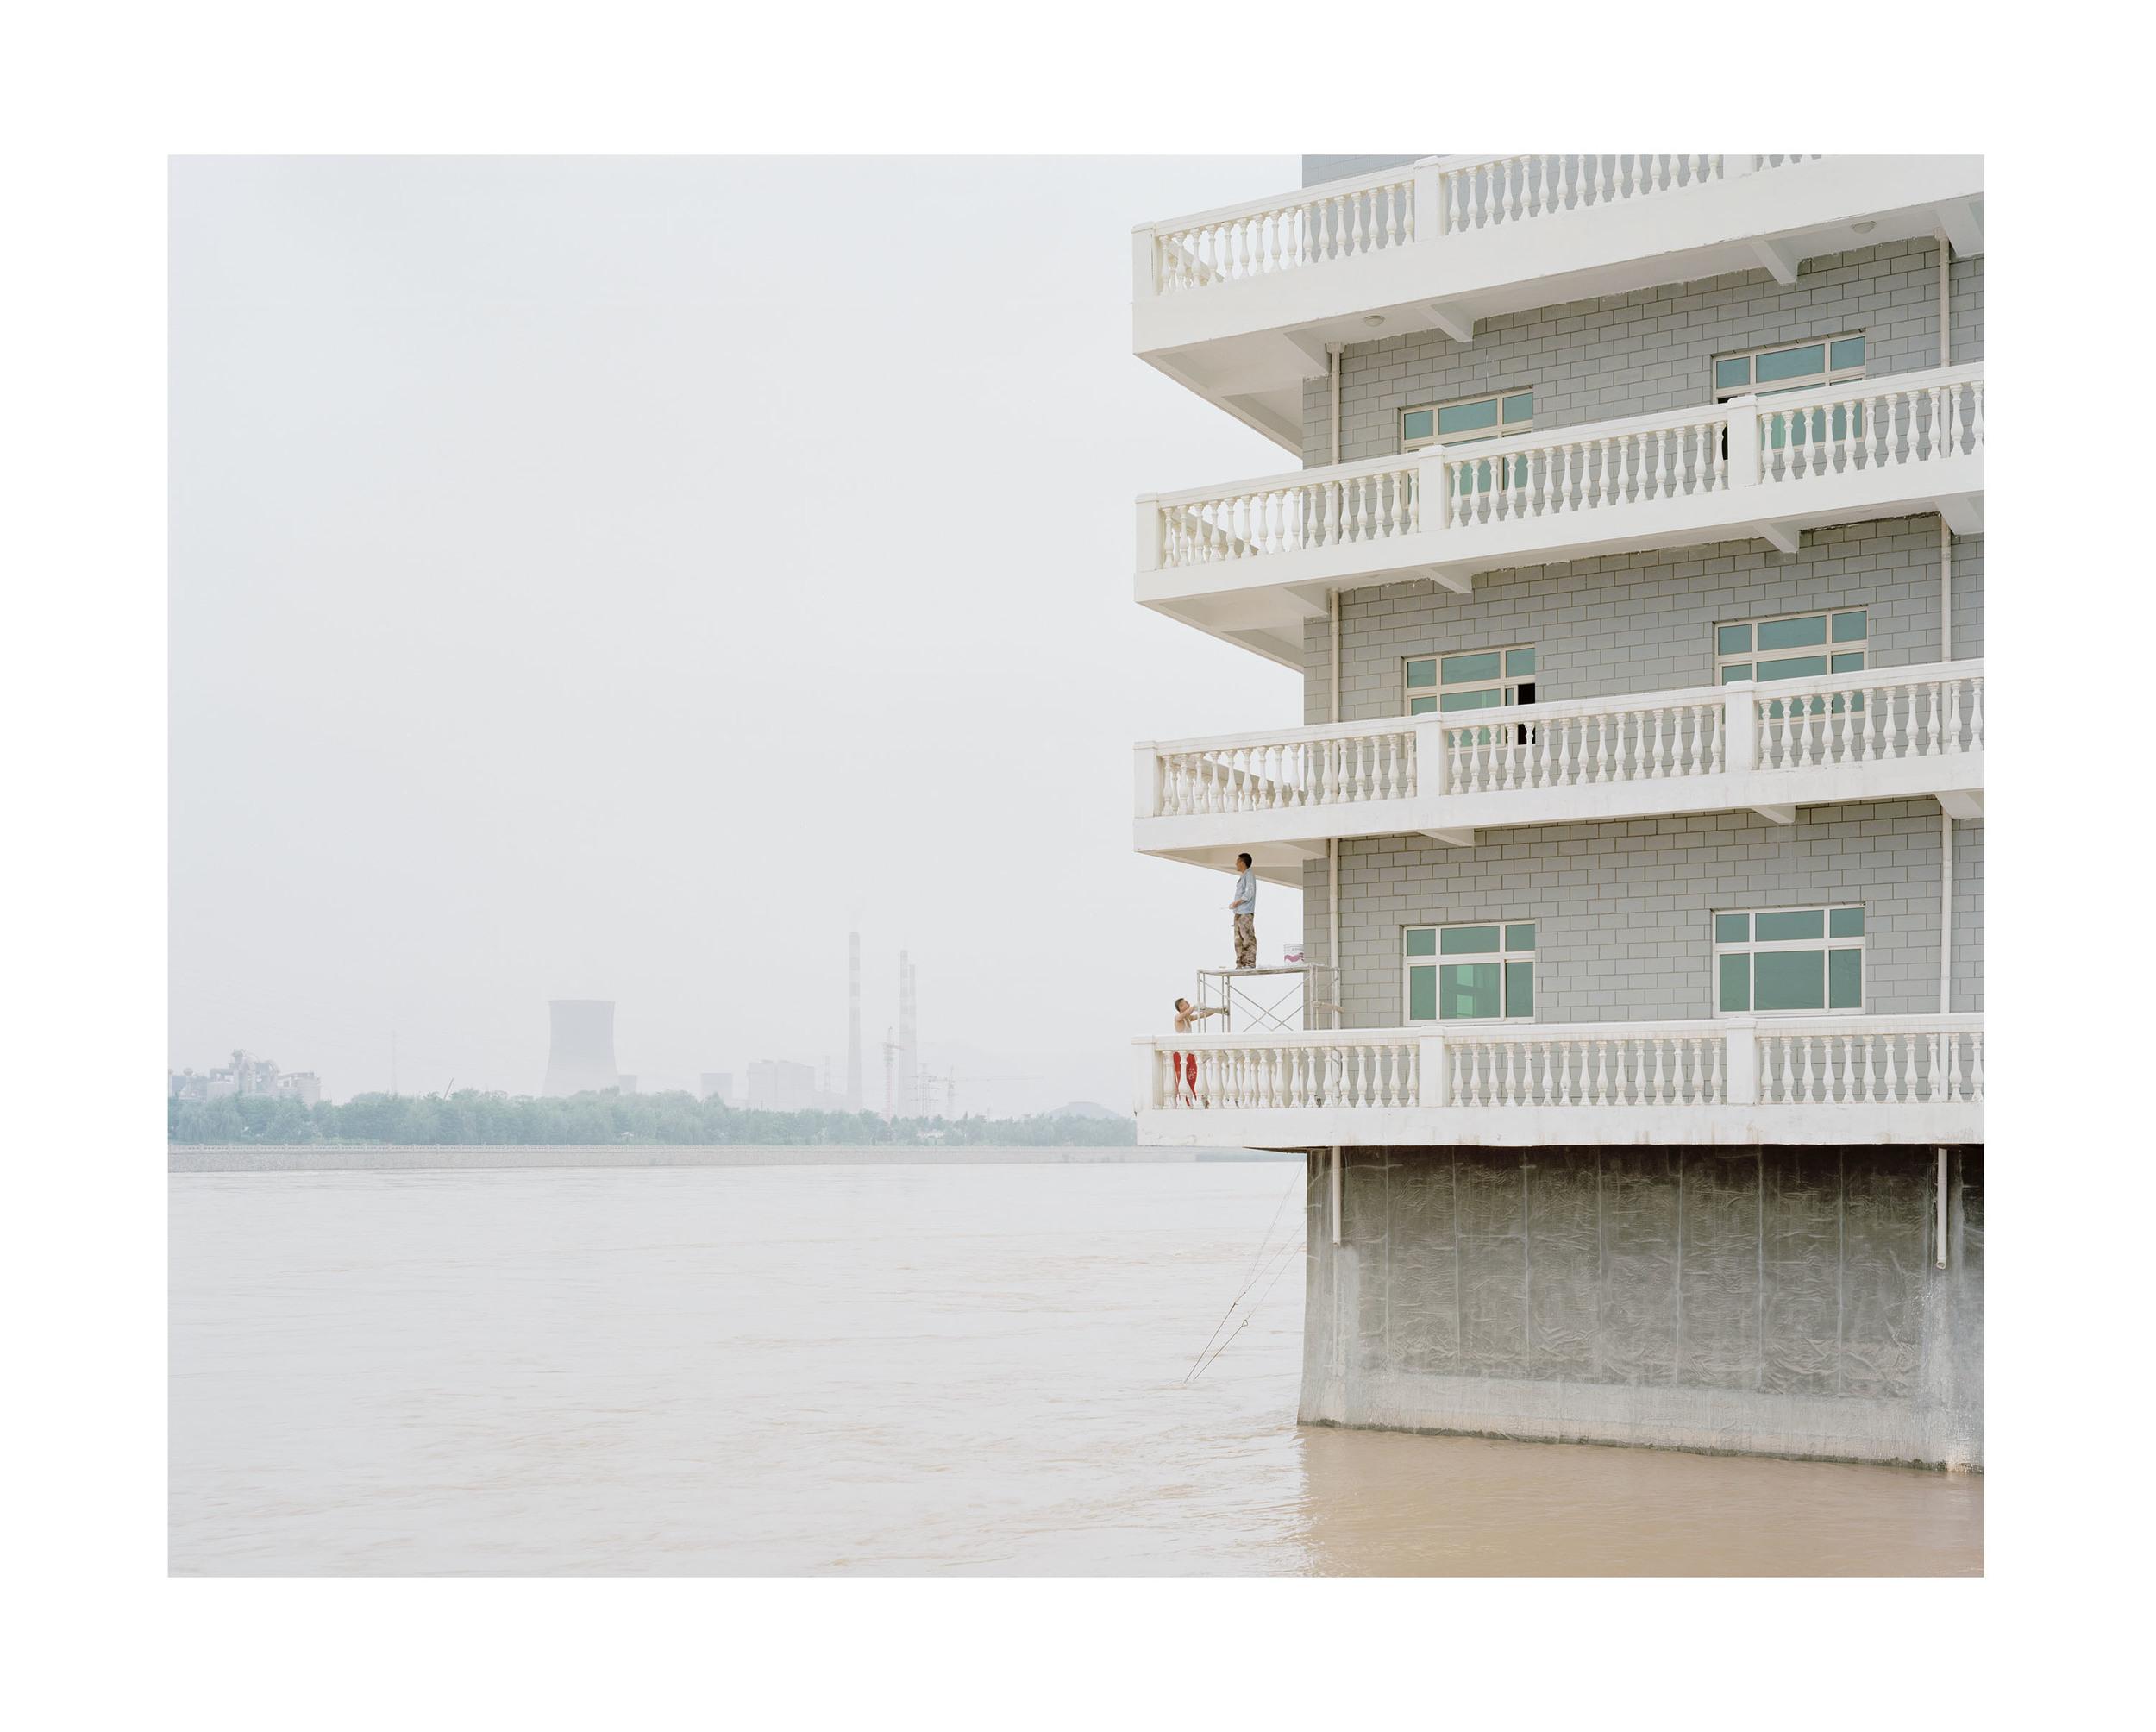 粉刷河中的房子的人, 甘肅, 2011            100 x 120   厘米/ 112x 138   厘米/ 140 x 168 厘米